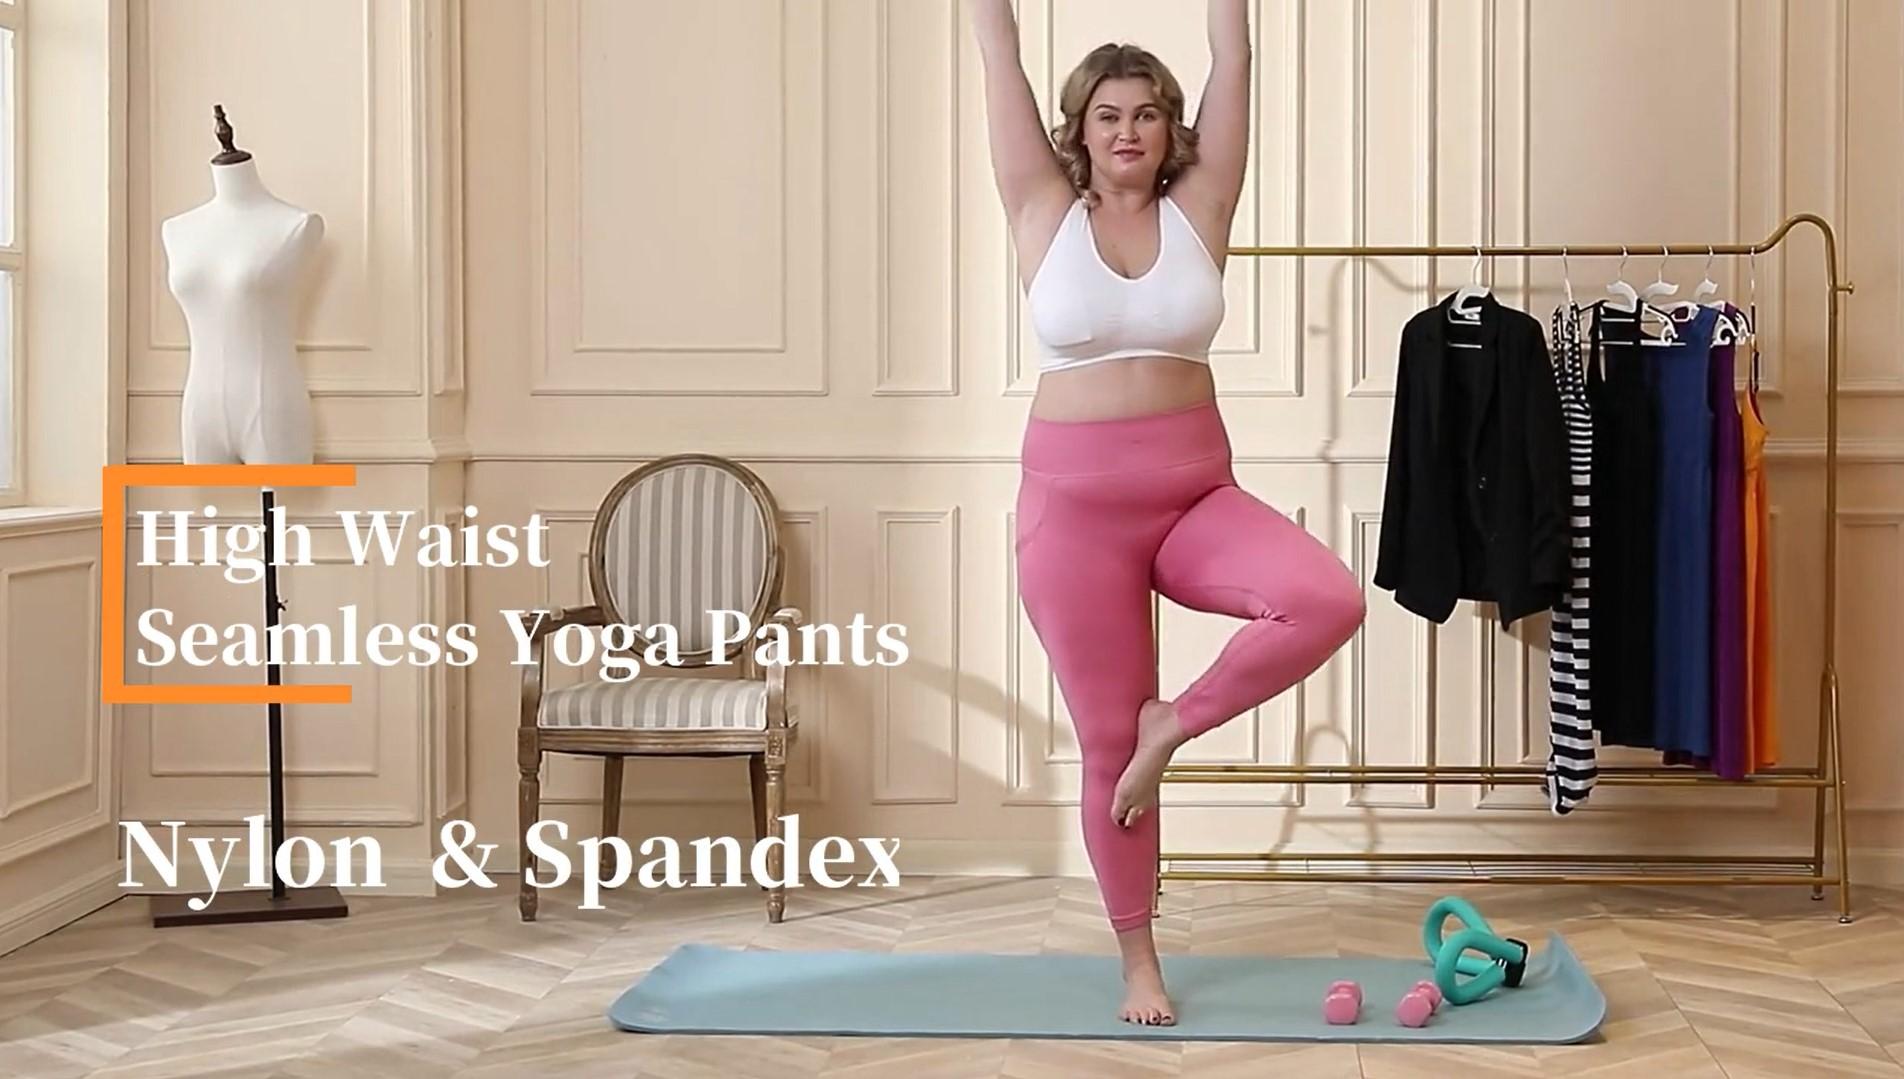 WZX Women's Plus-grootte joga broek met sakke groothandel OEM ODM